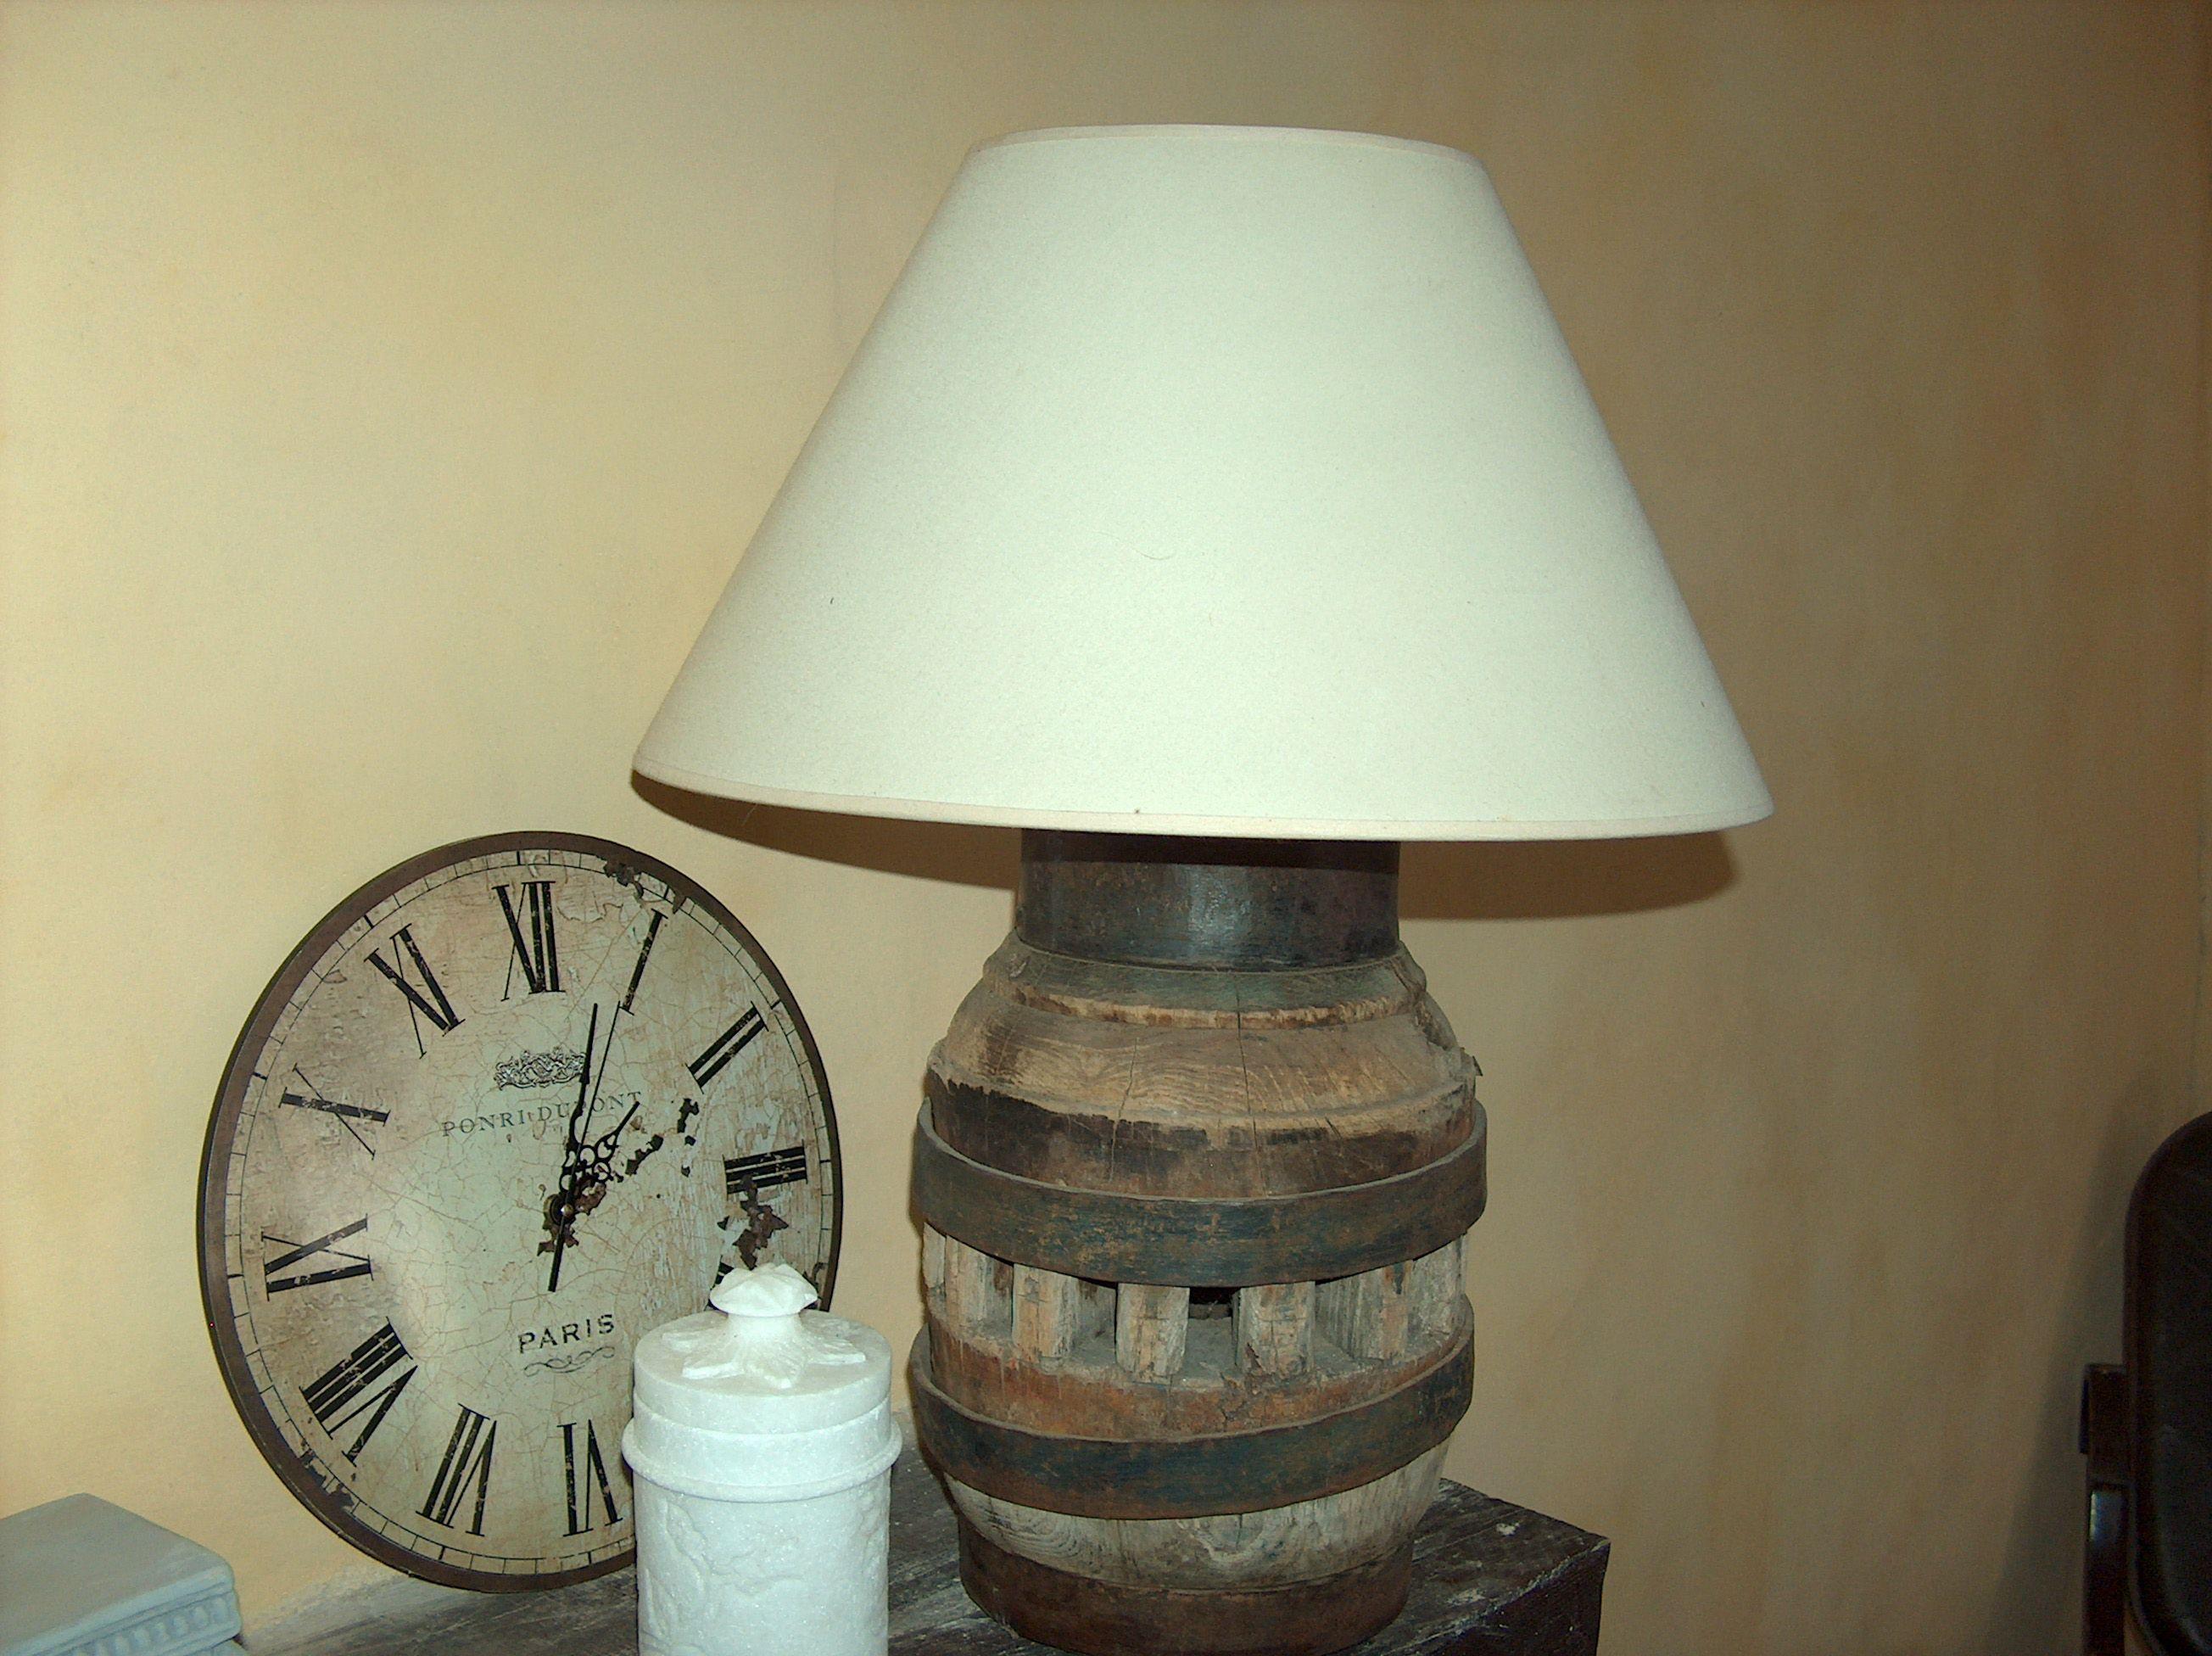 Ma lampe avec un moyeu de roue de charette recyclage pinterest roue lampes et bricolage d co - Roue de charette decoration ...